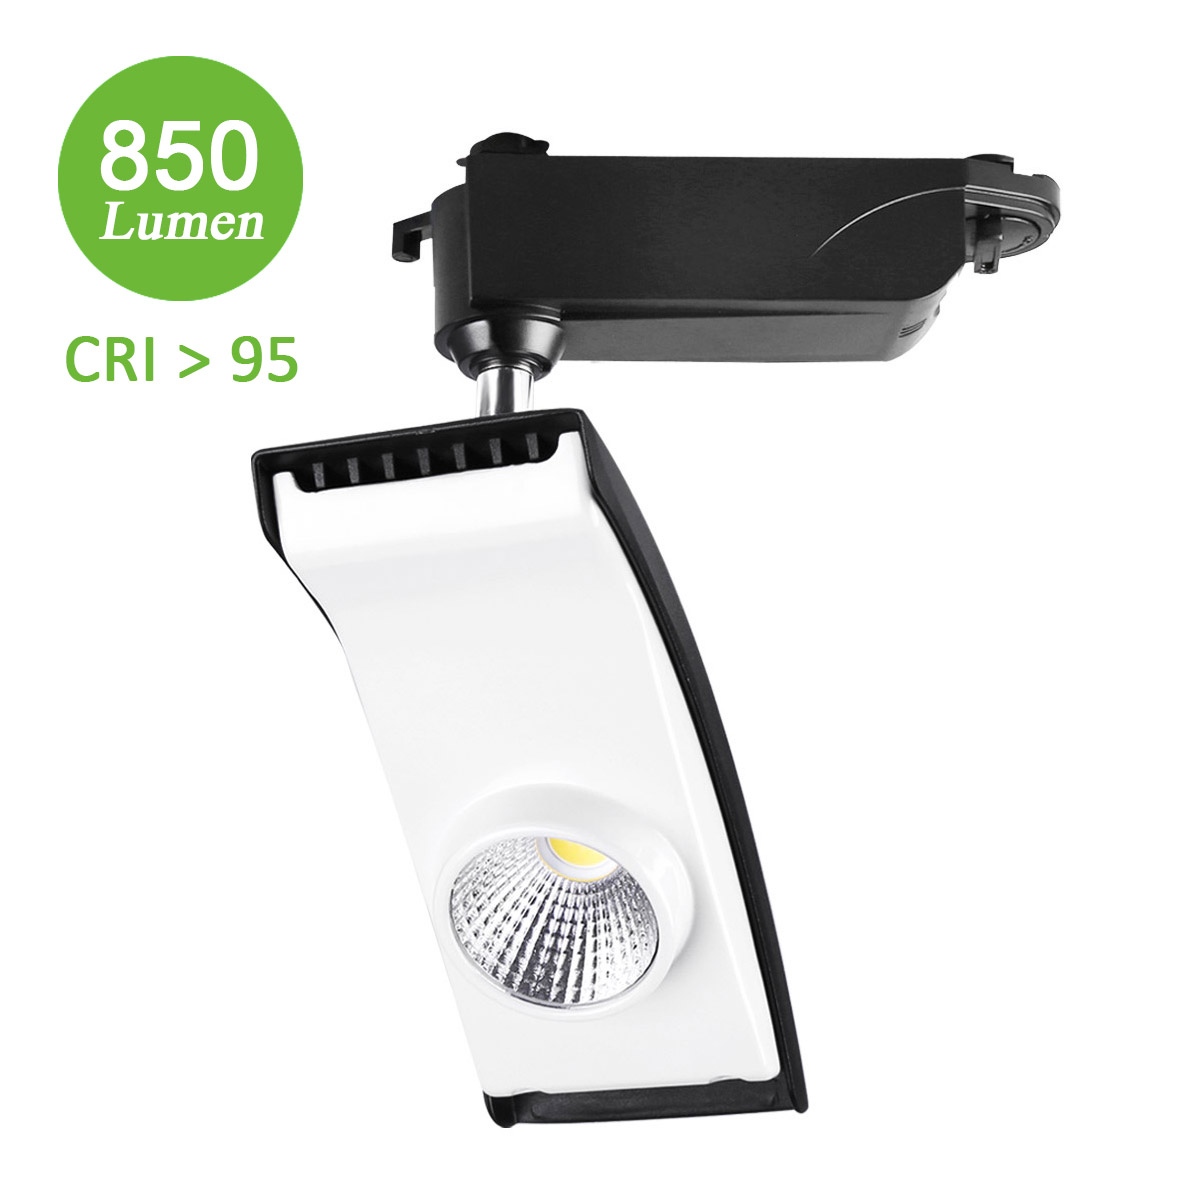 15W LED Seilsystem, 850lm Schienenleuchte, Ersatz für 100W Halogenlampen, Spotlight, Neutralweiß